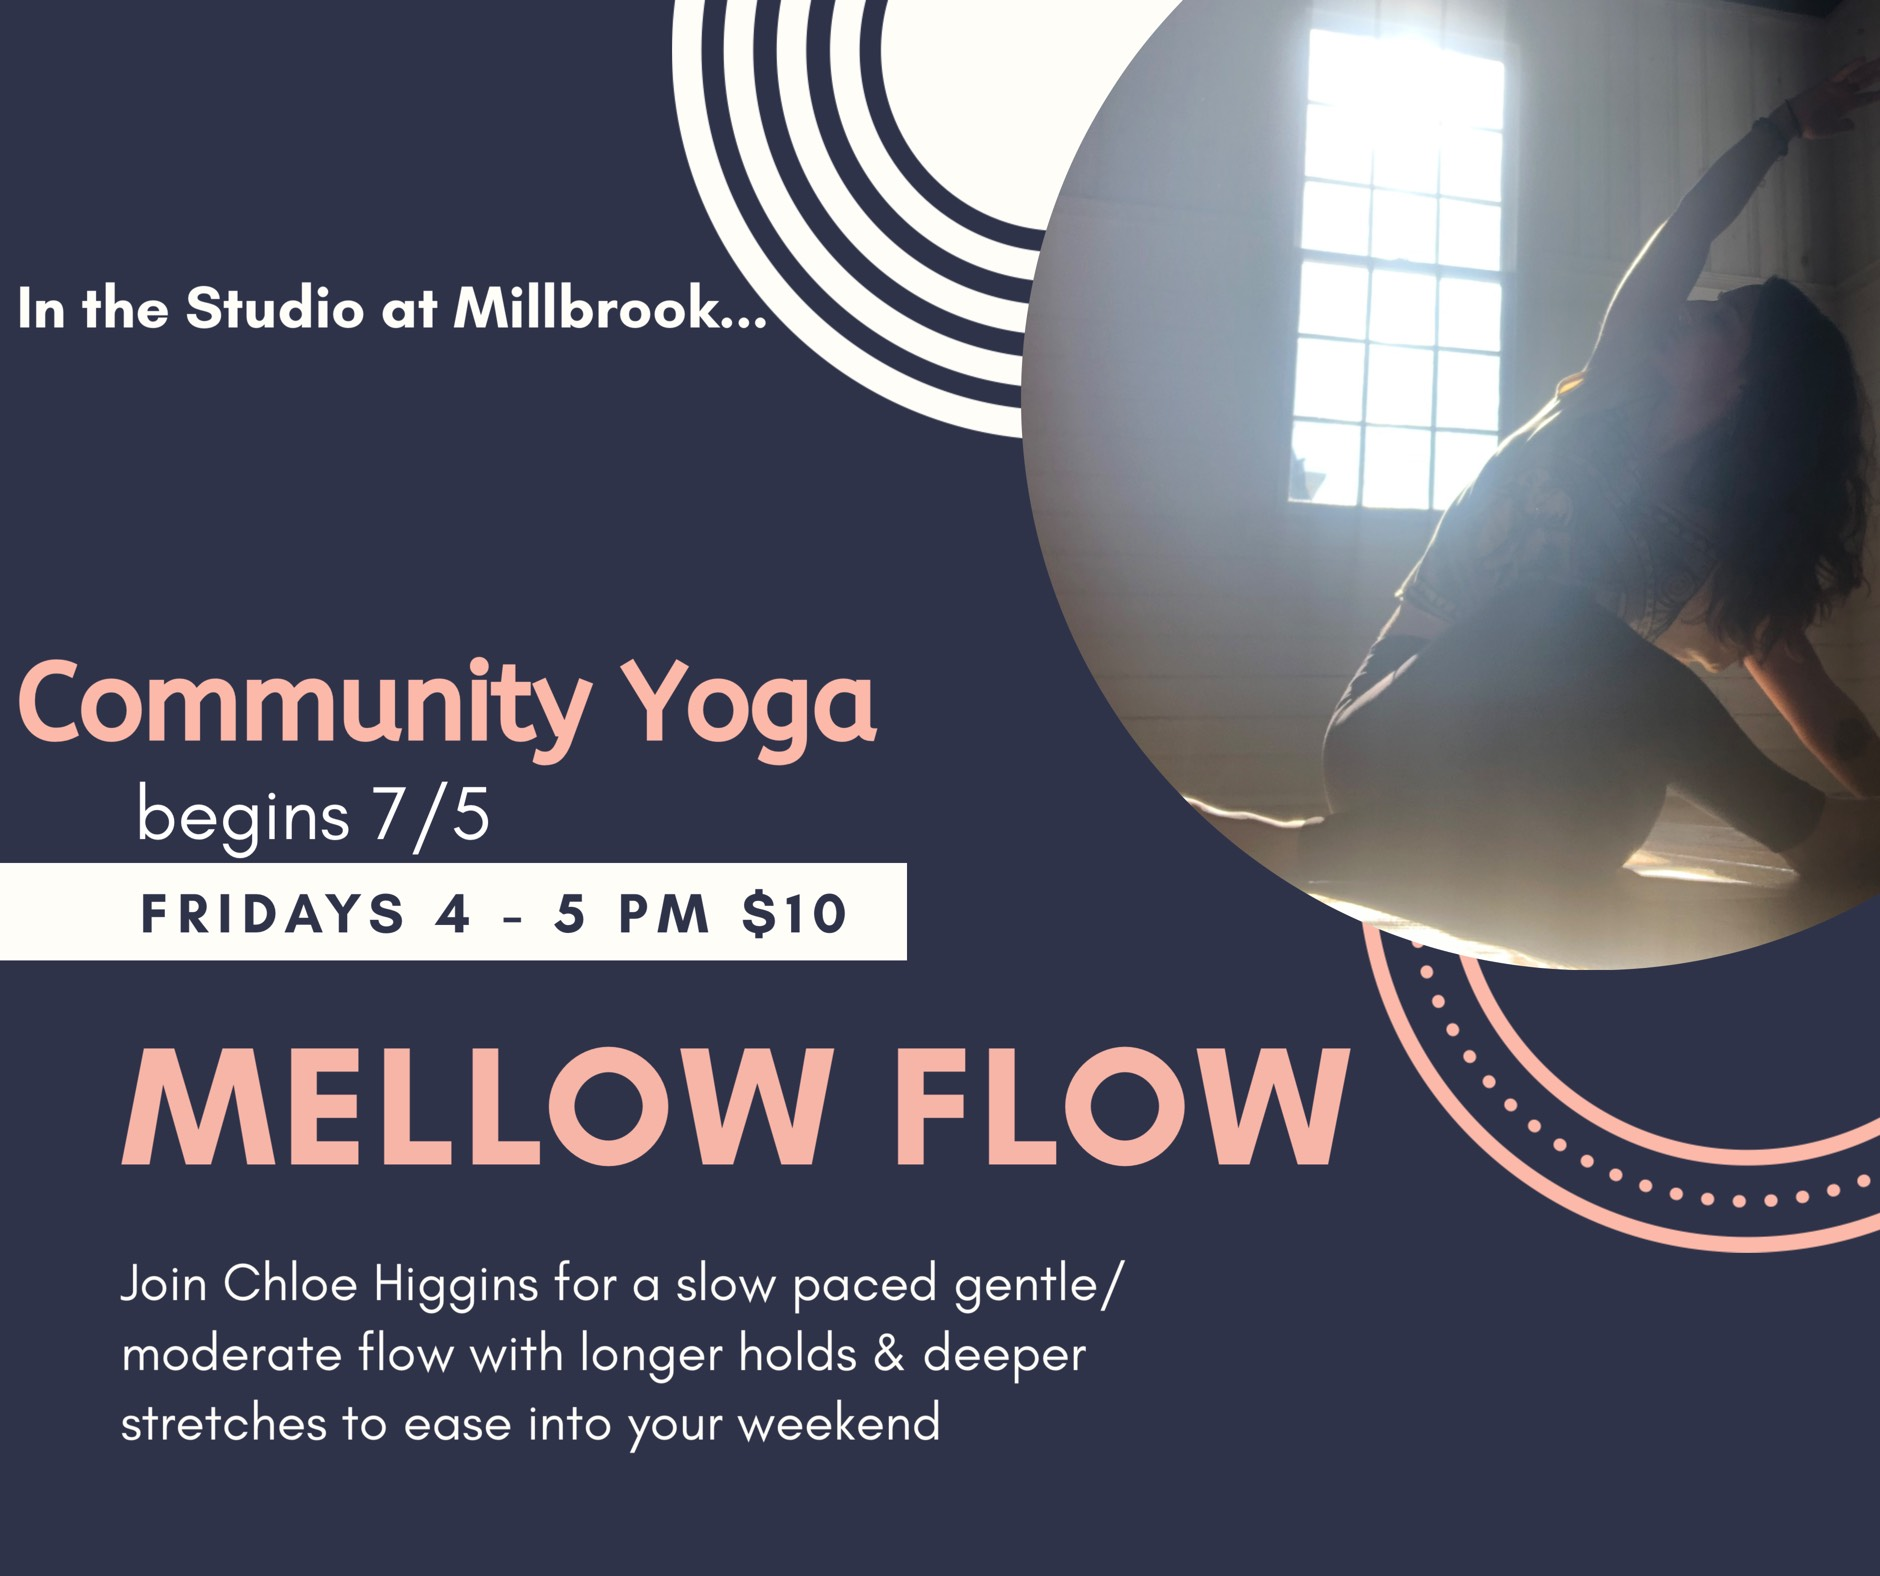 Mellow Flow.jpg